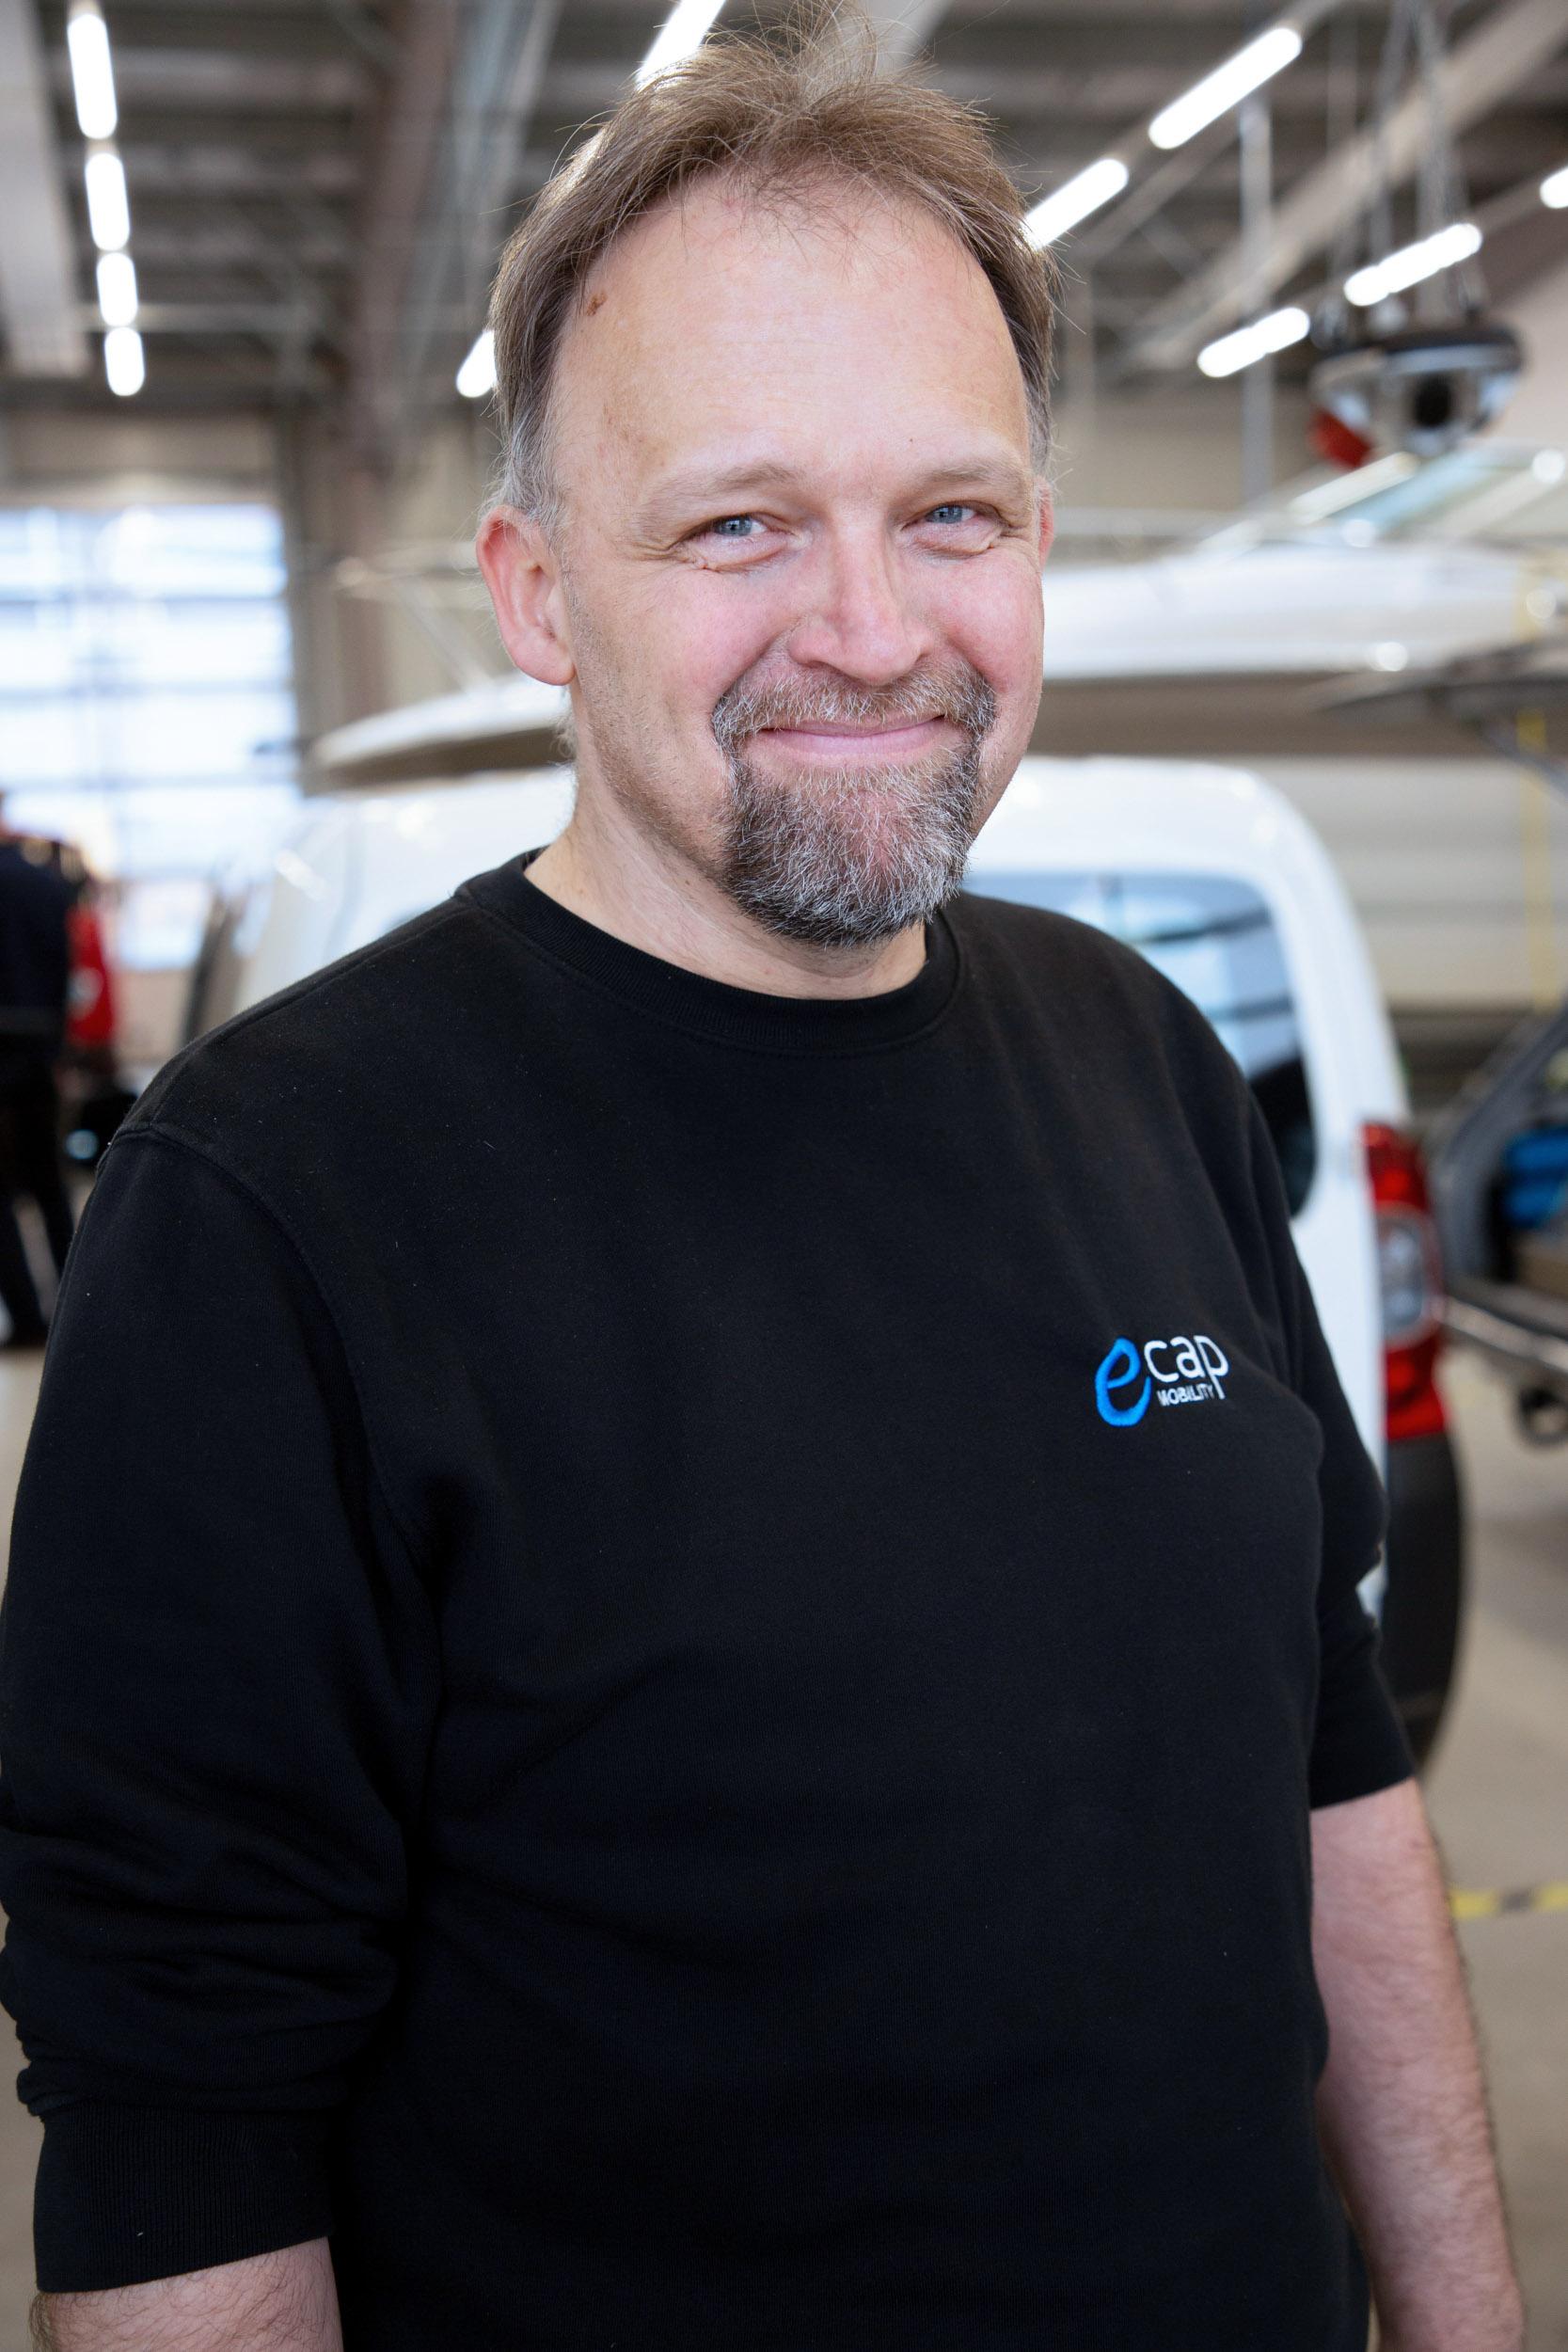 Bernd Goos | Kfz-Mechatroniker  bgo@ecap-mobility.com